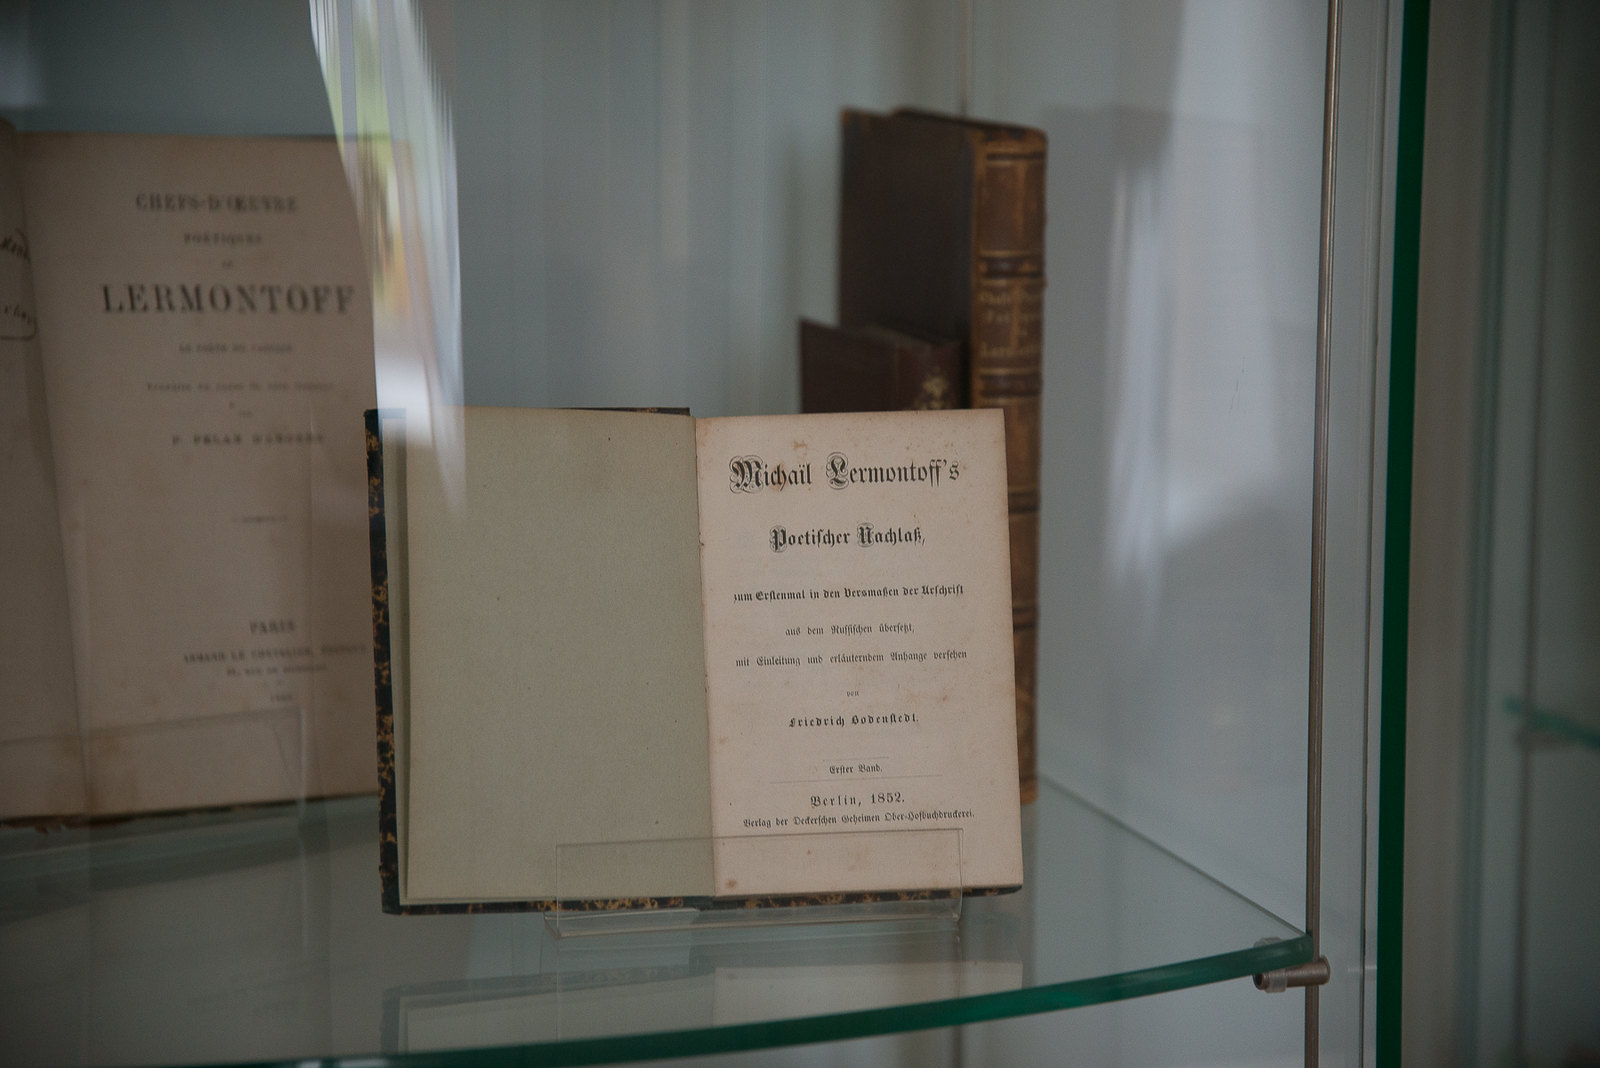 В фойе музейно-просветительского центра работает выставка «М.Ю. Лермонтов в переводах».